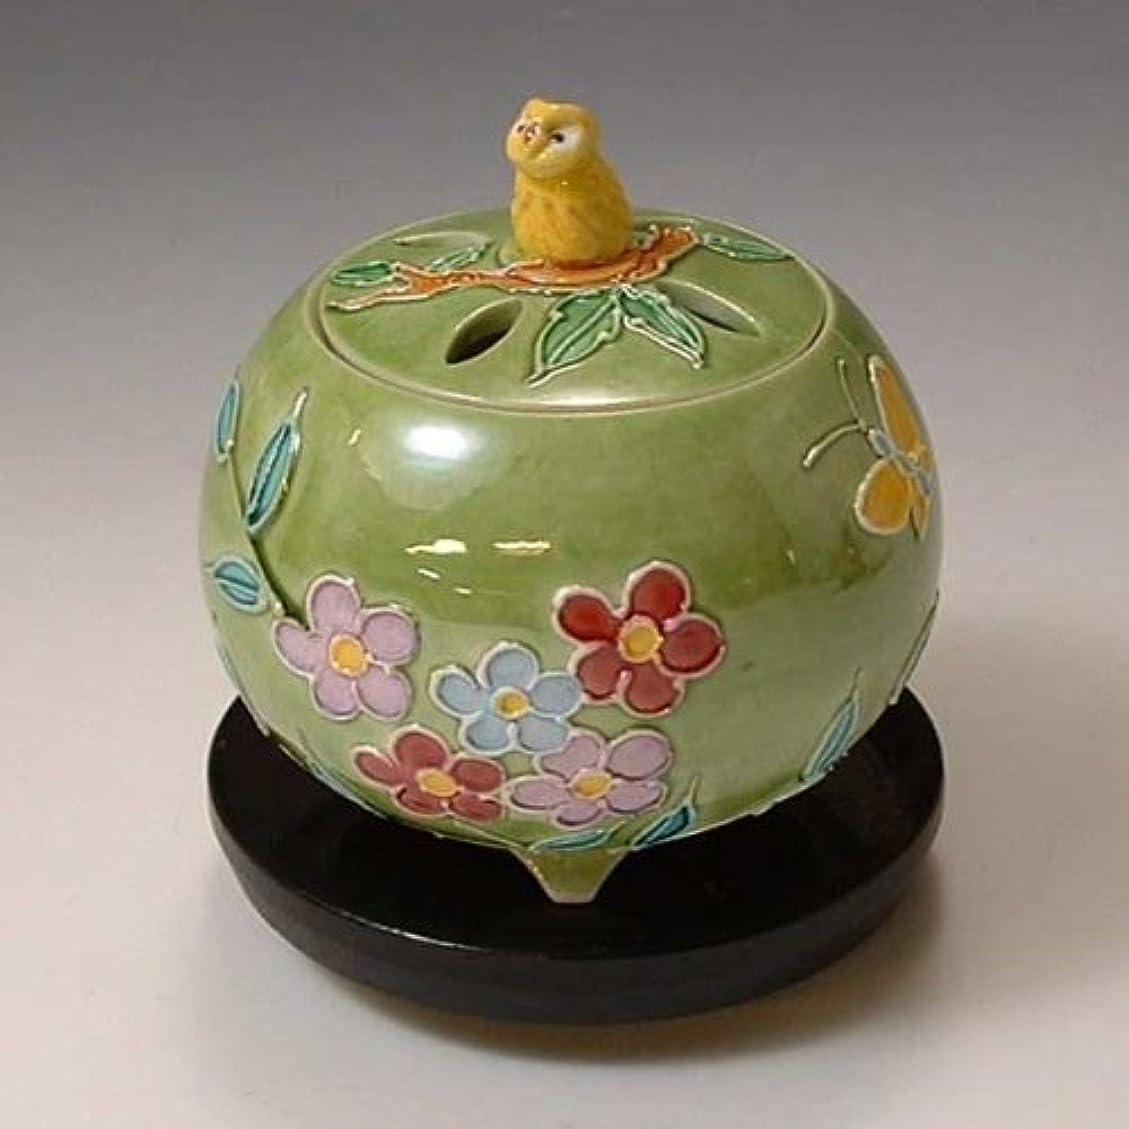 開いた葉巻色合い京焼 清水焼 香炉(黒台付) 黄ふくろう きふくろう YSK082